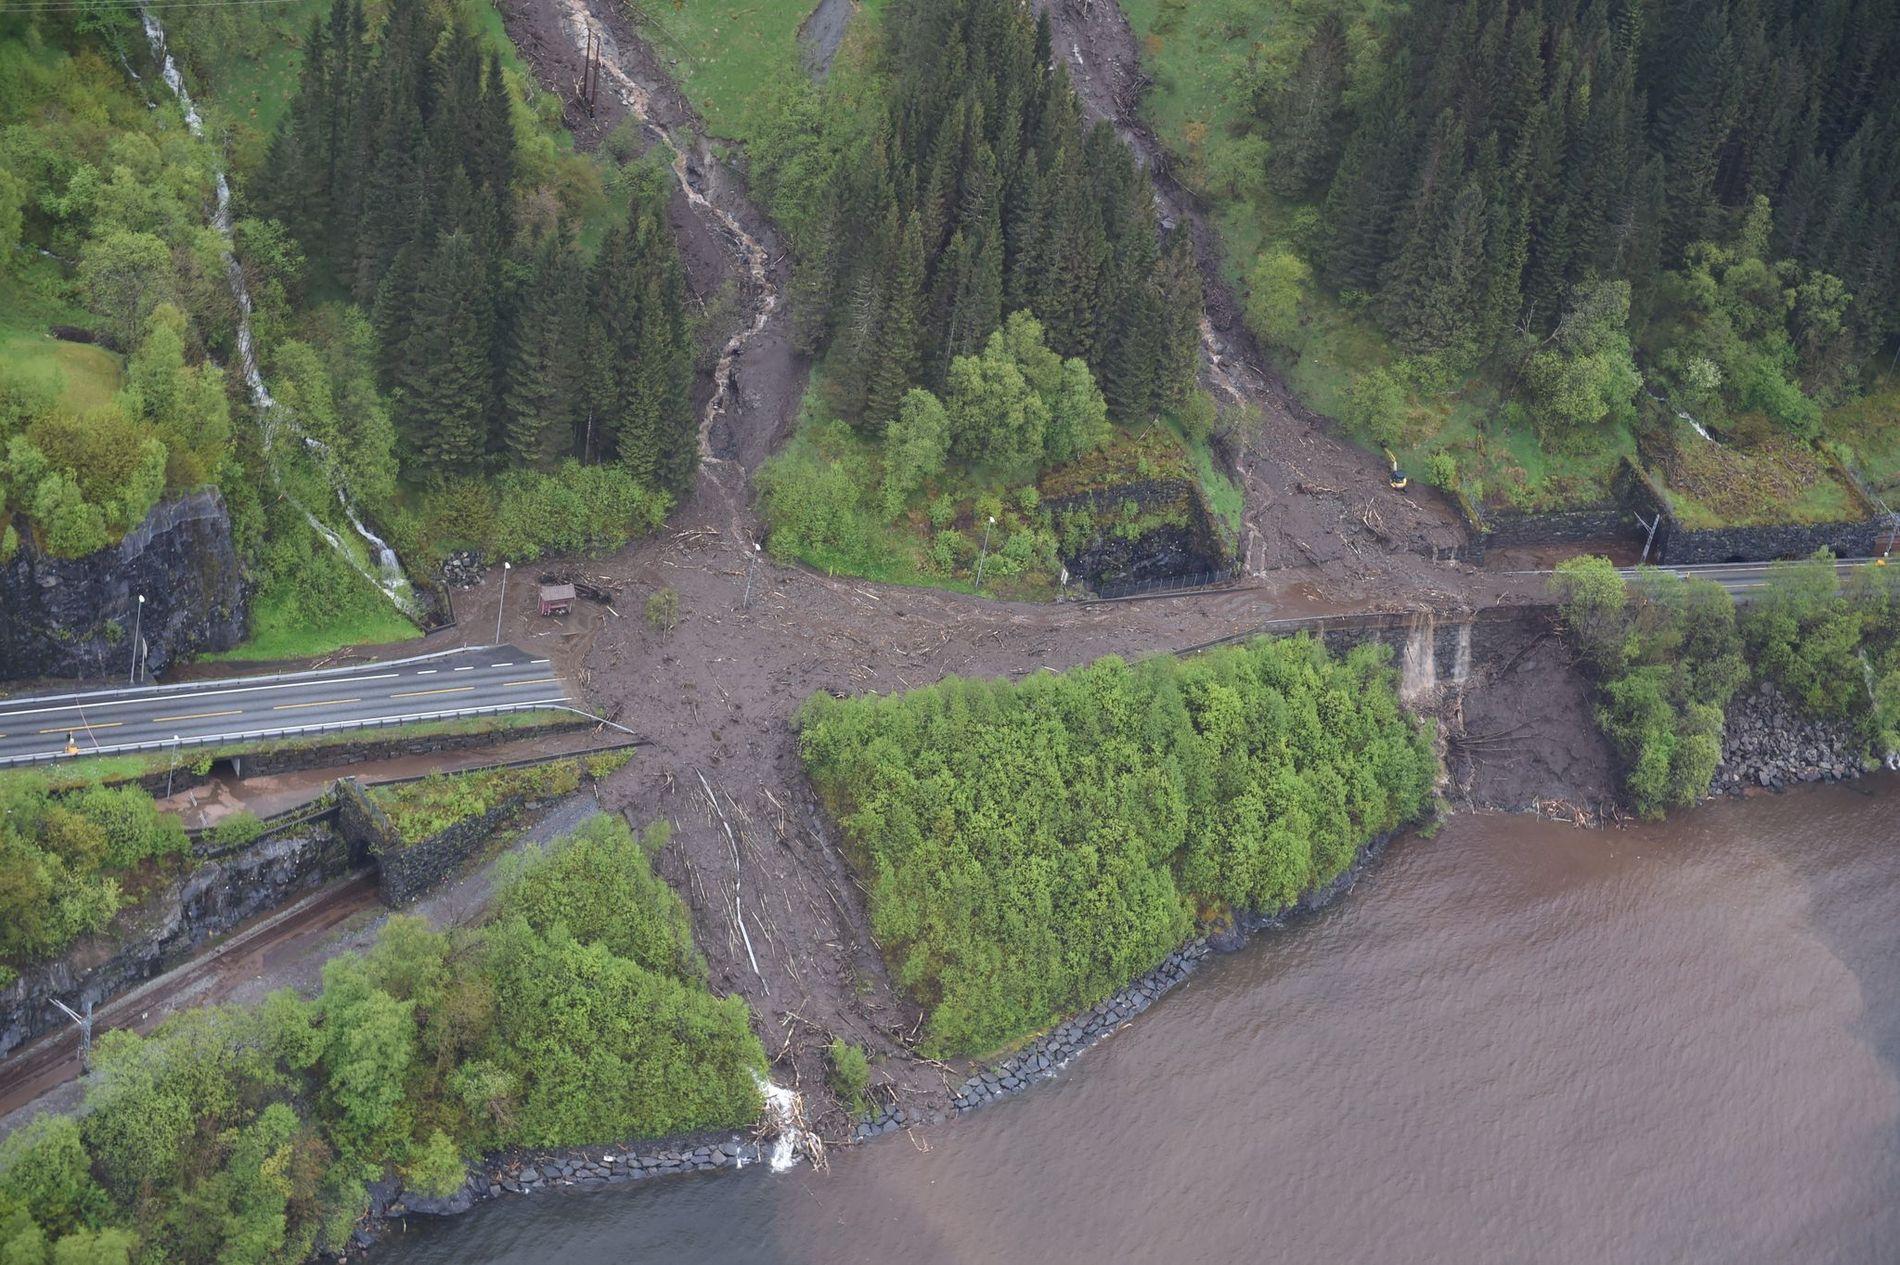 The Boge landslide by Vaksdal.